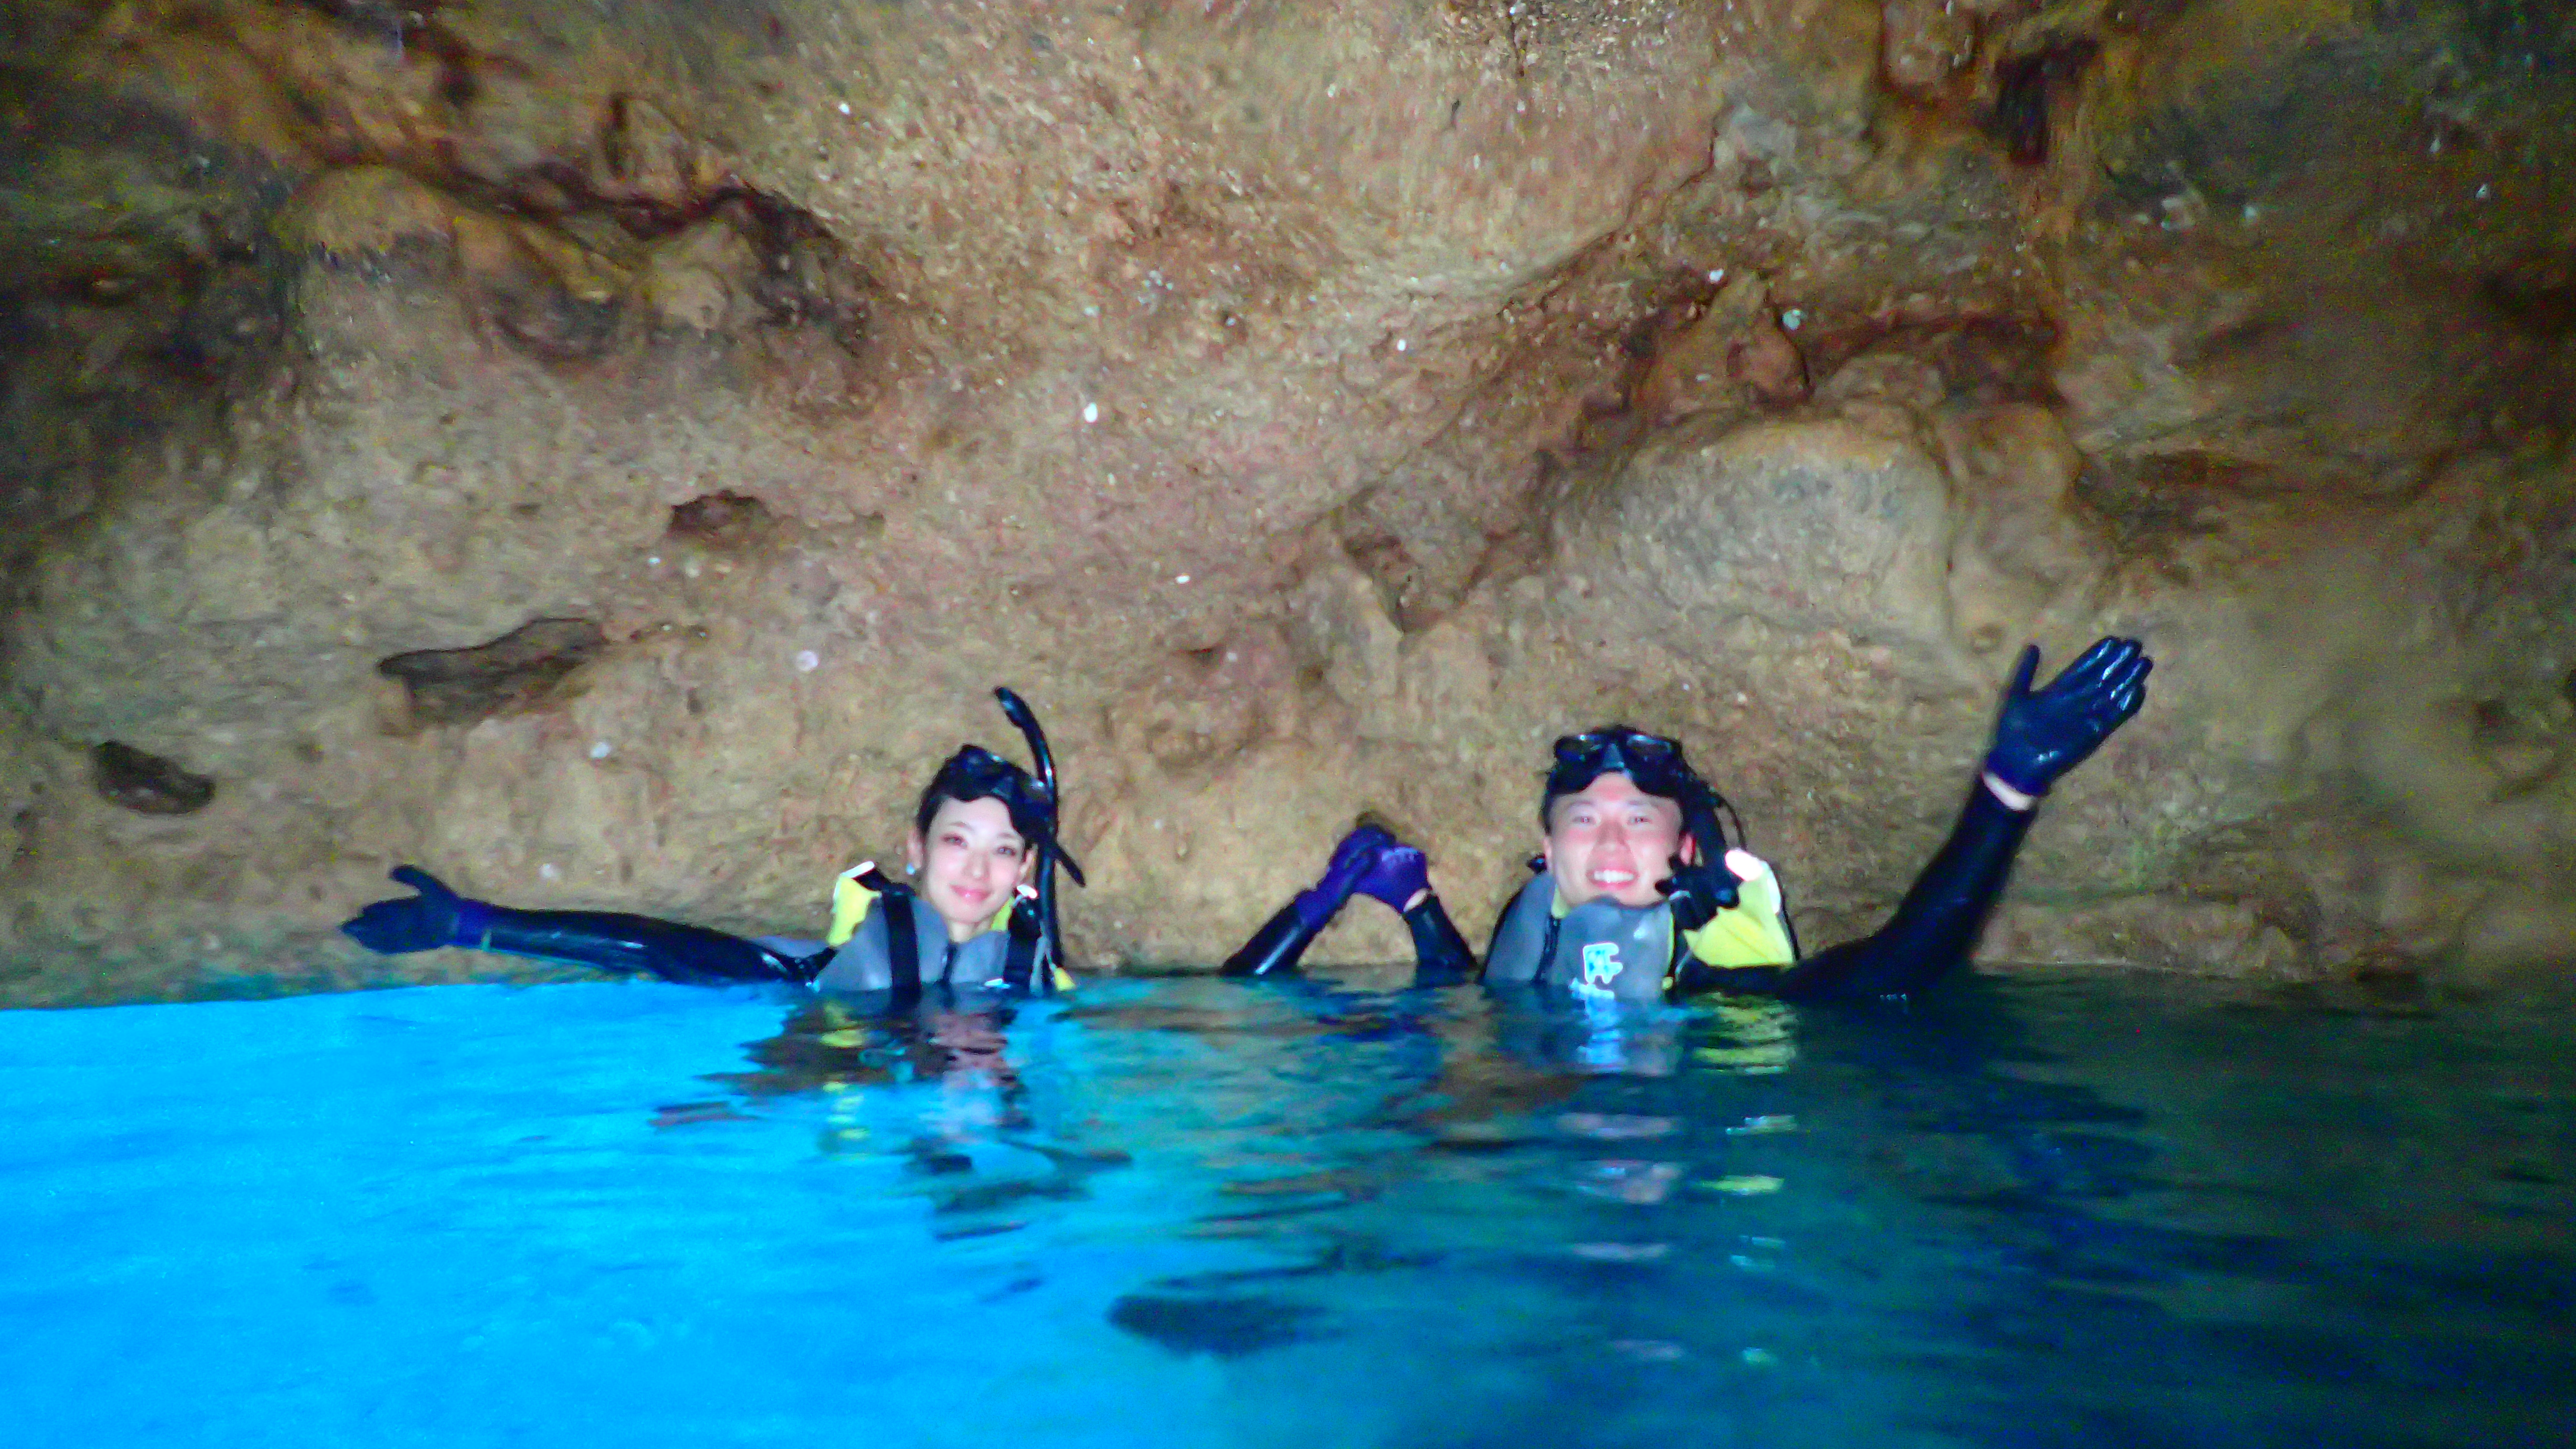 沖縄本島青の洞窟シュノーケル